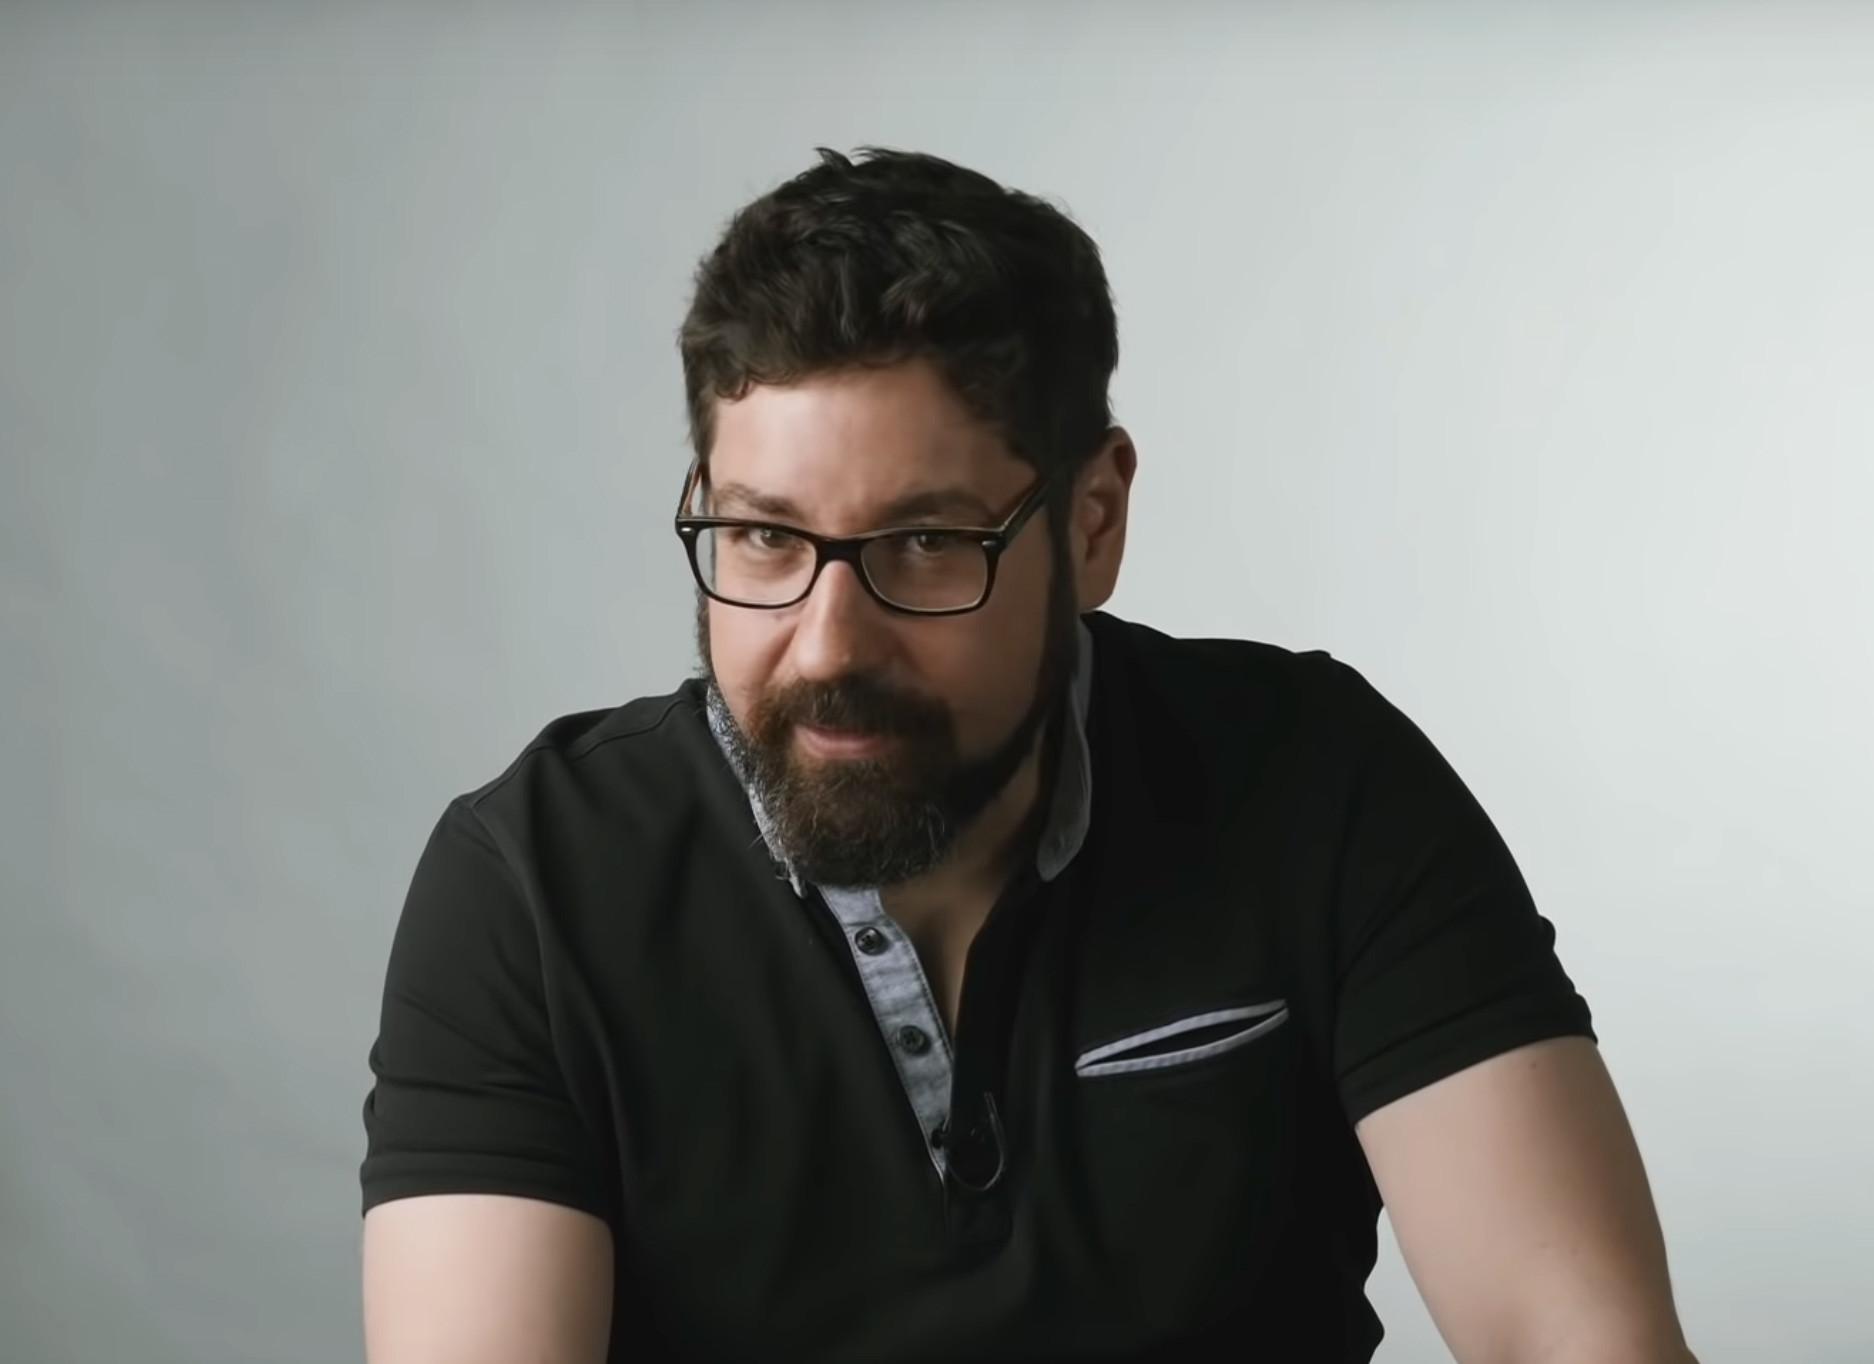 Entrevista con Iván Fanego sobre WhatsApp